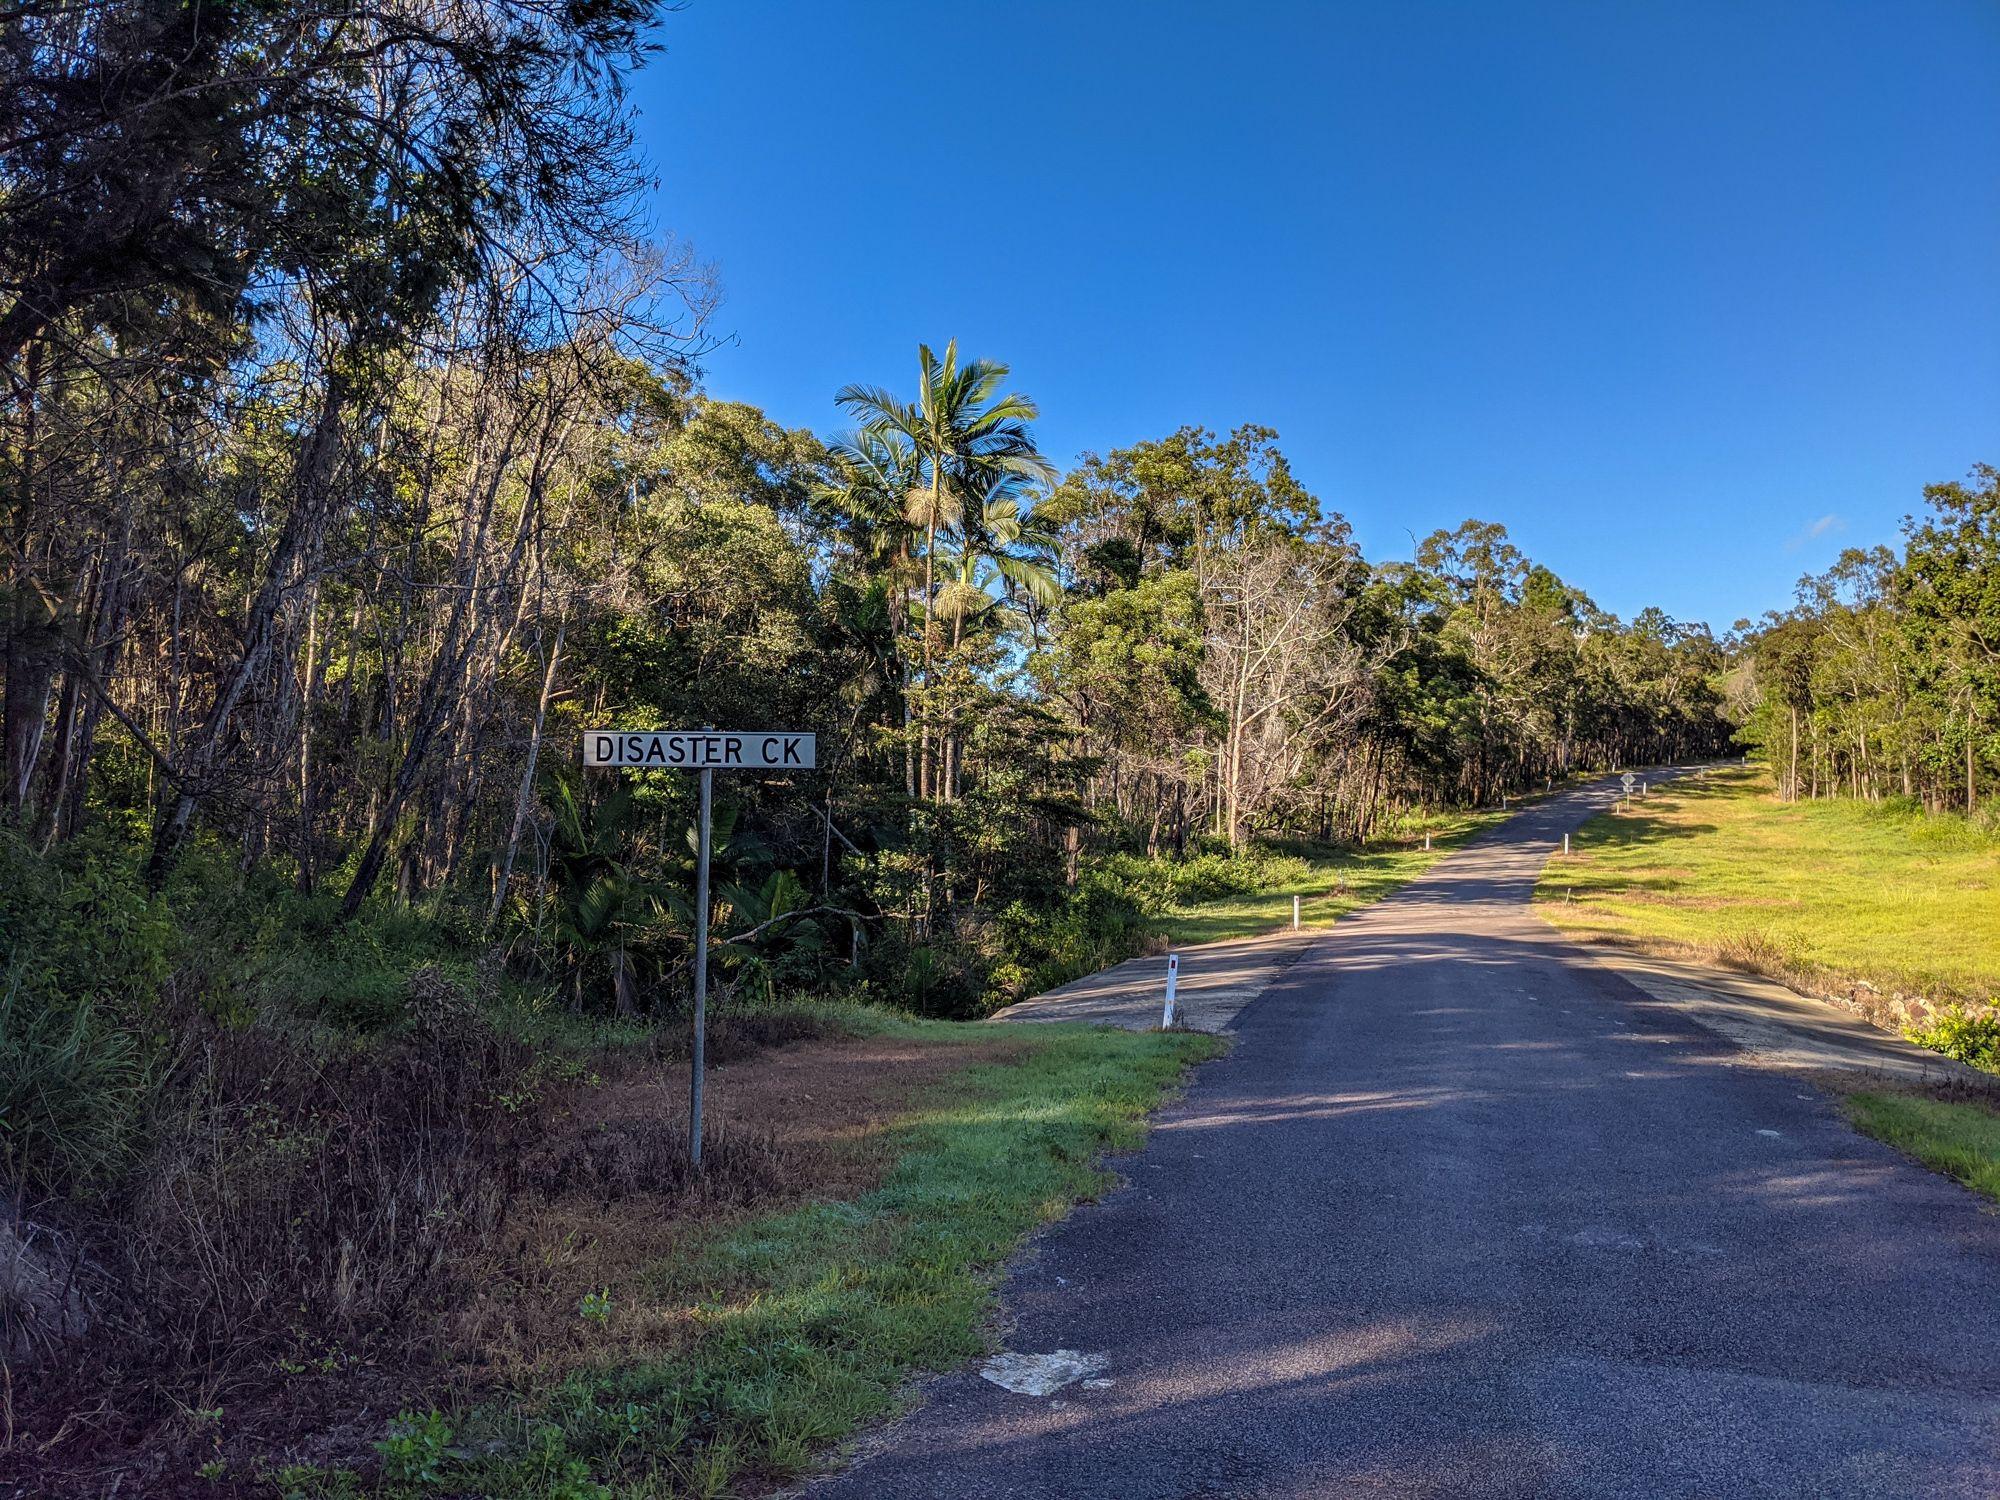 disaster creek road sign